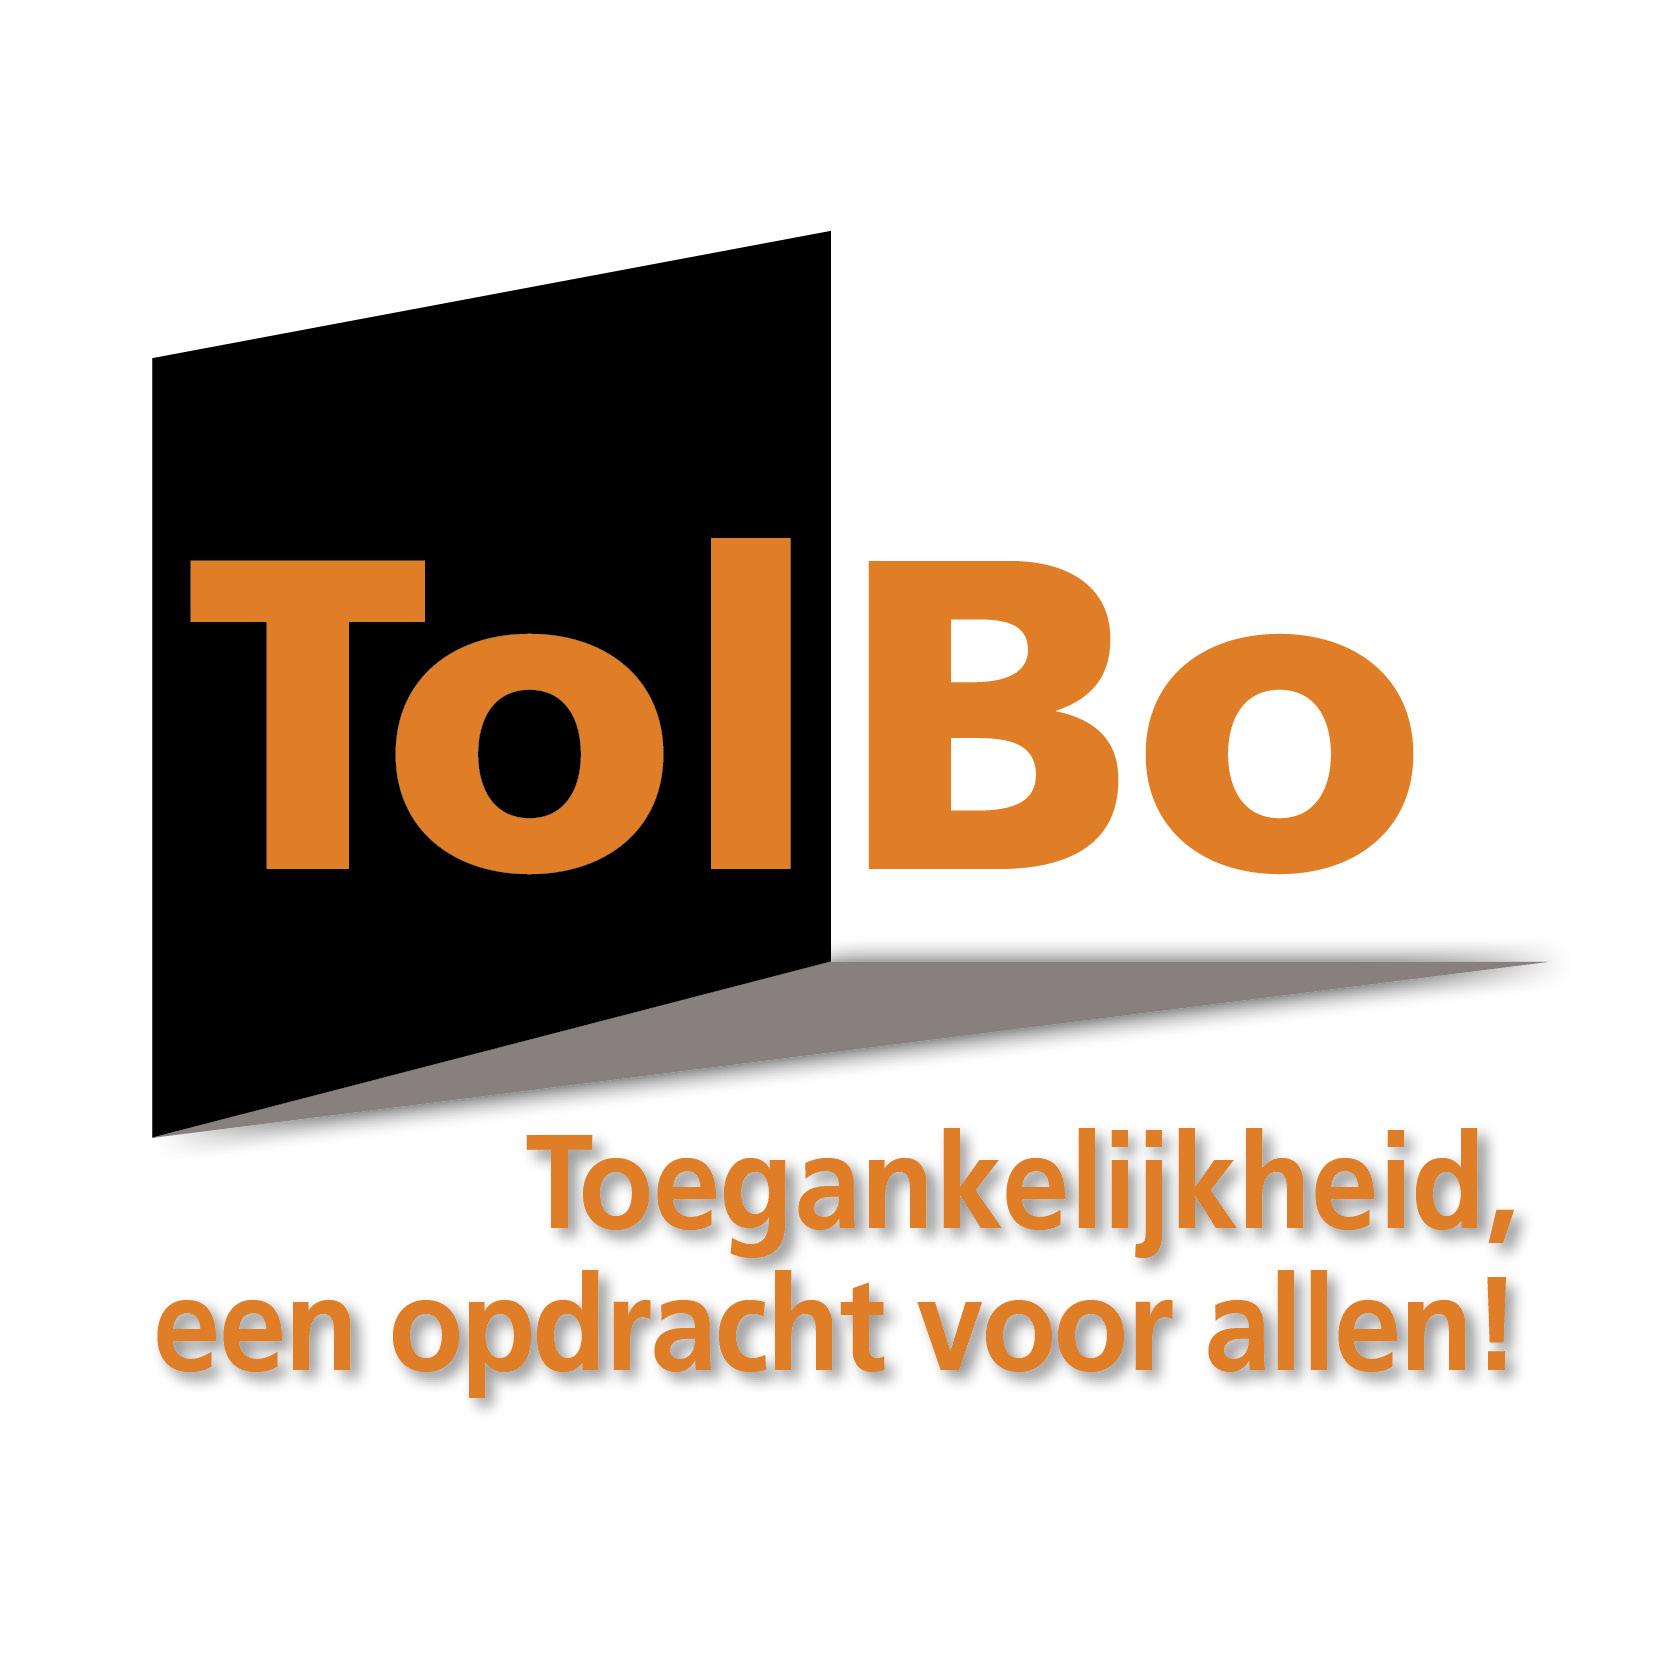 logo tolbo baseline.jpg